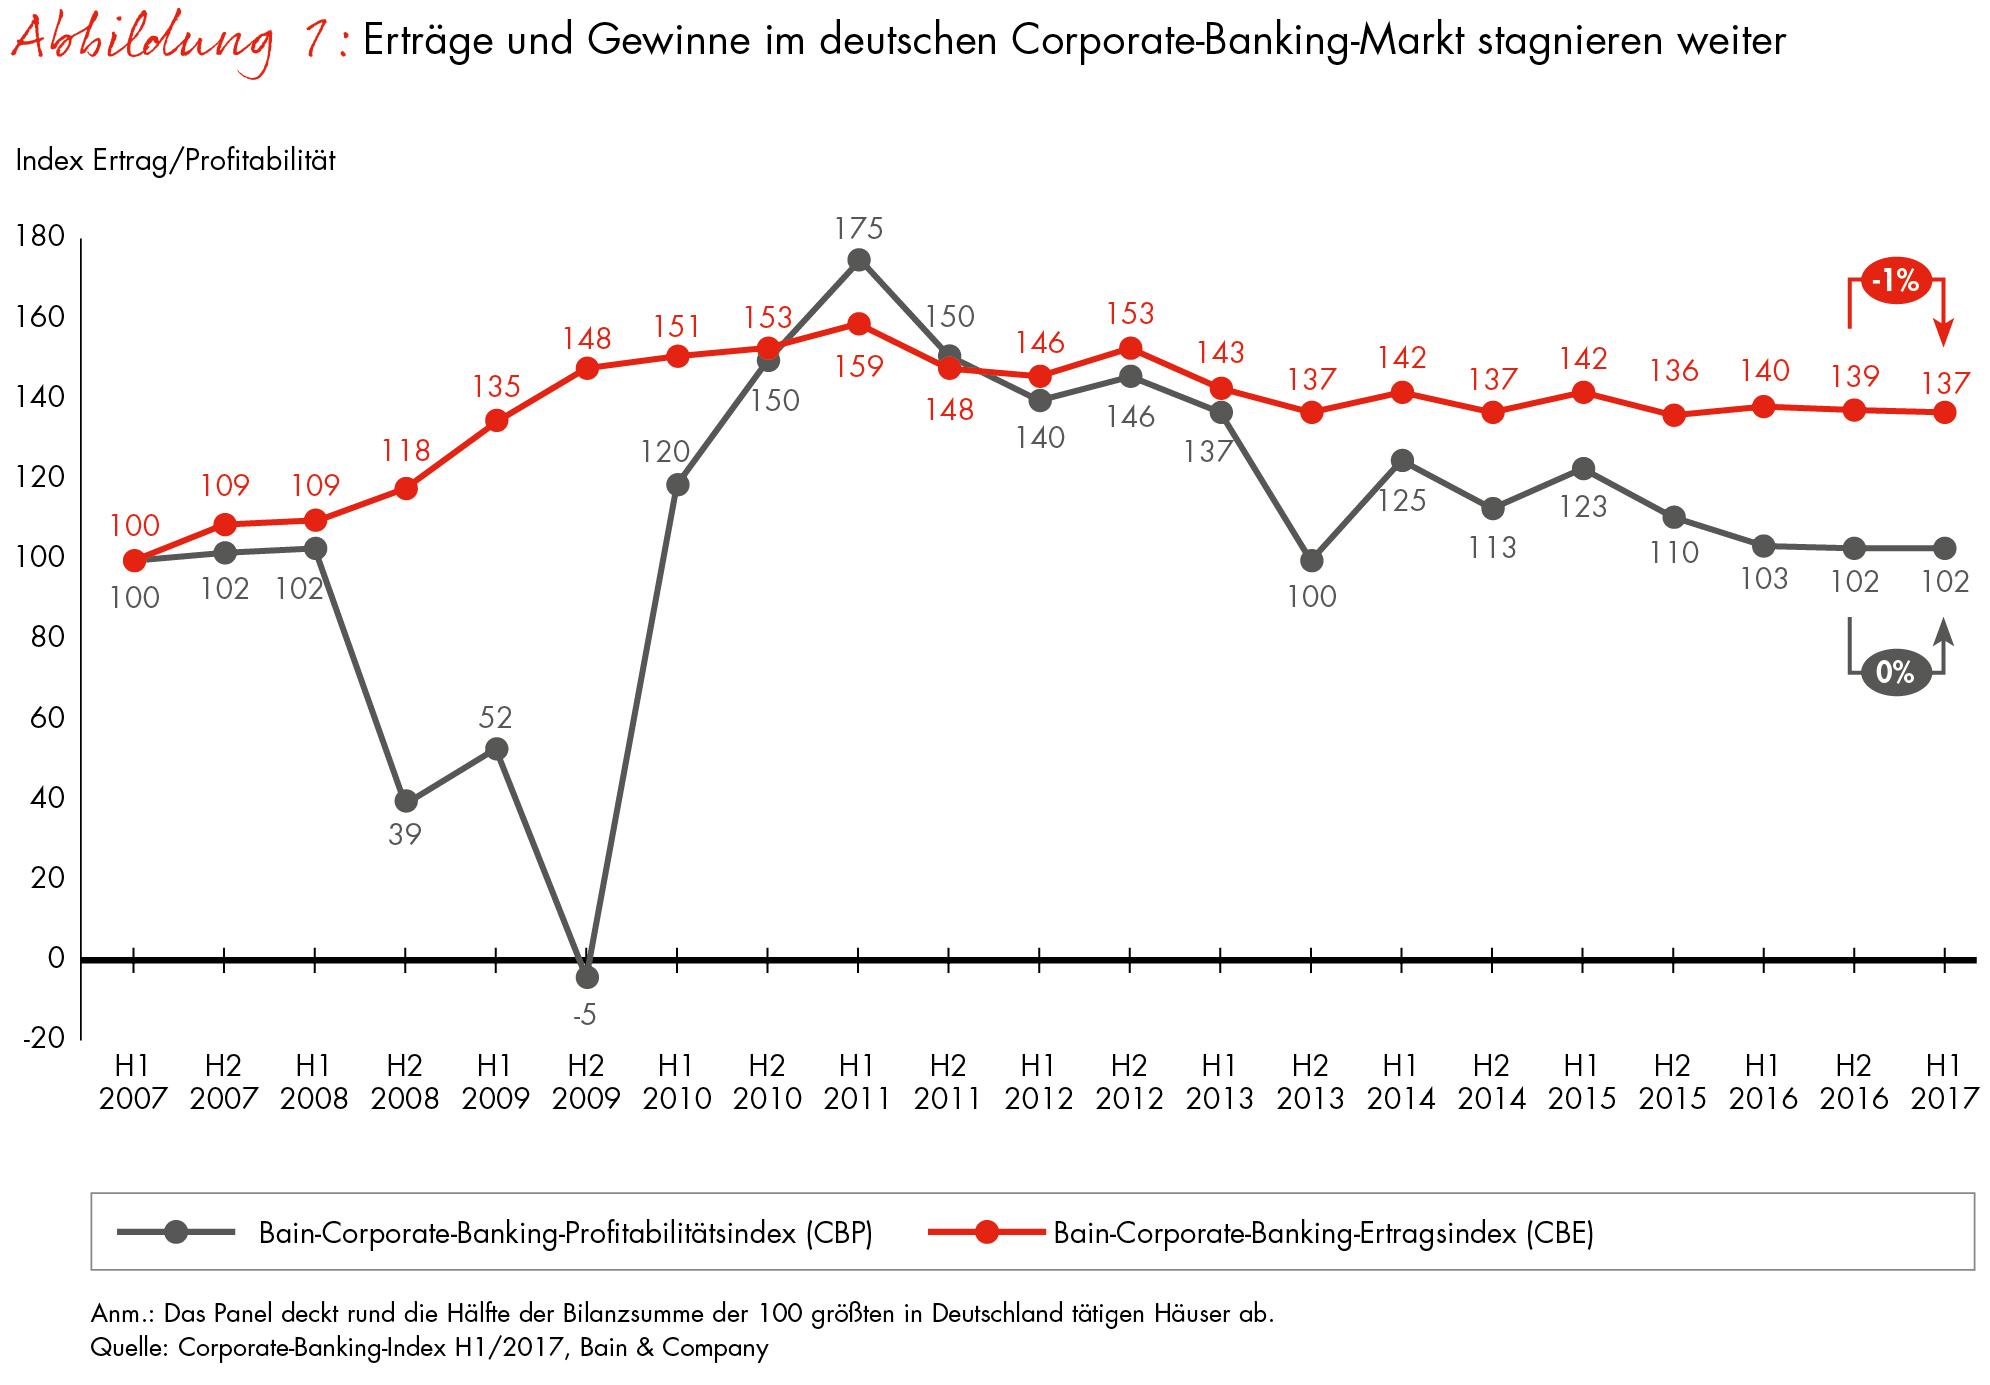 corporate banking index von bainkredite auf rekordniveau margen nahe zehnjahrestief deutsche. Black Bedroom Furniture Sets. Home Design Ideas